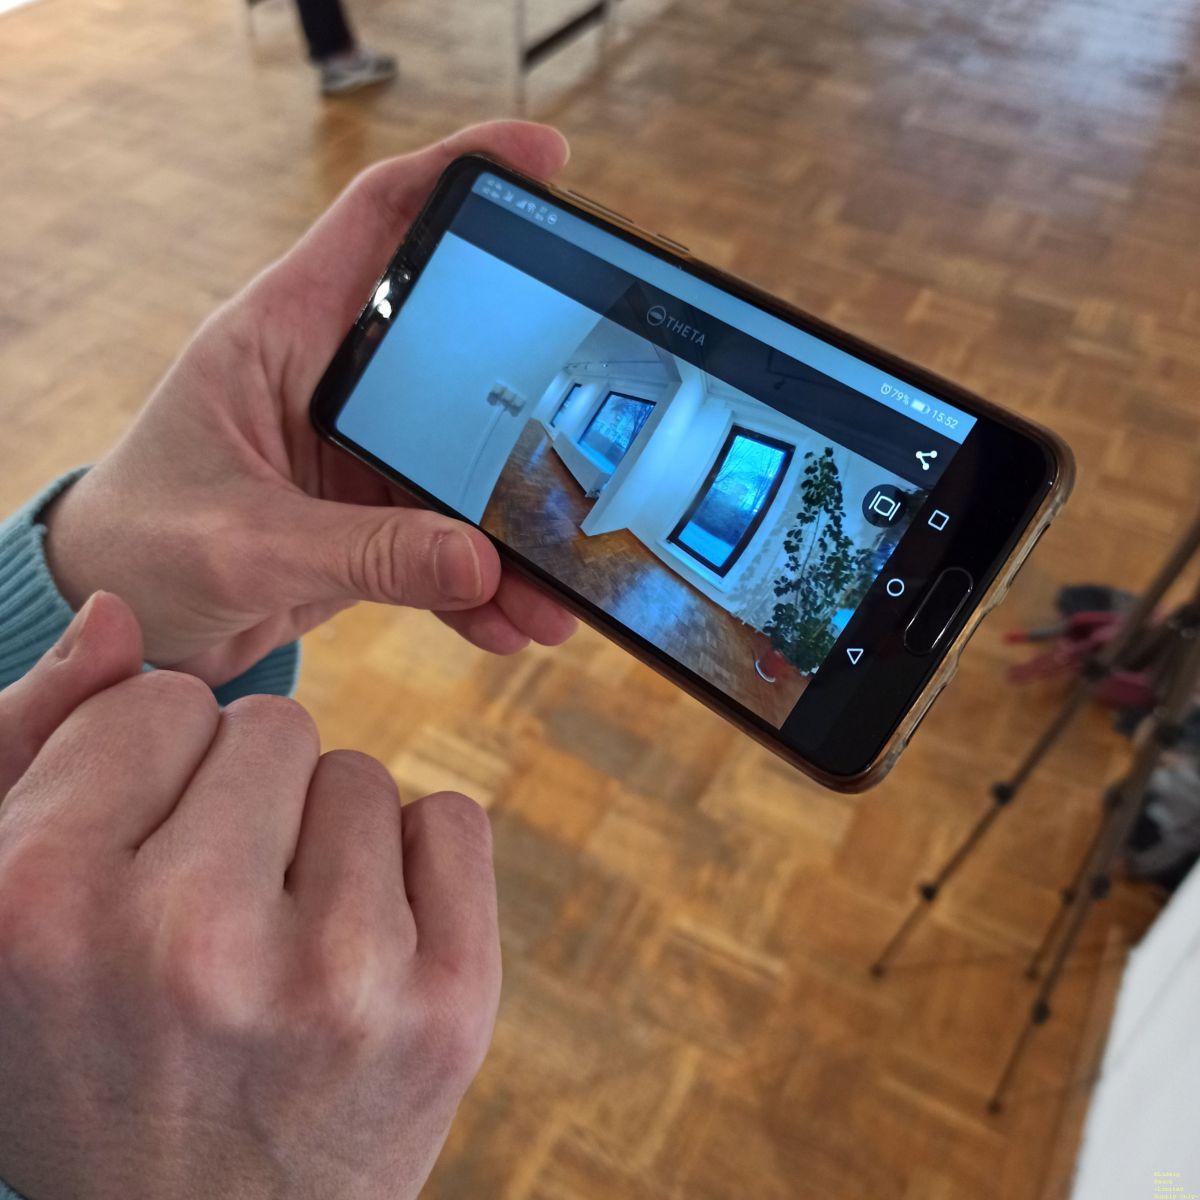 Valerie checkt ihre 360°-Aufnahmen der FOTOGALERIE.